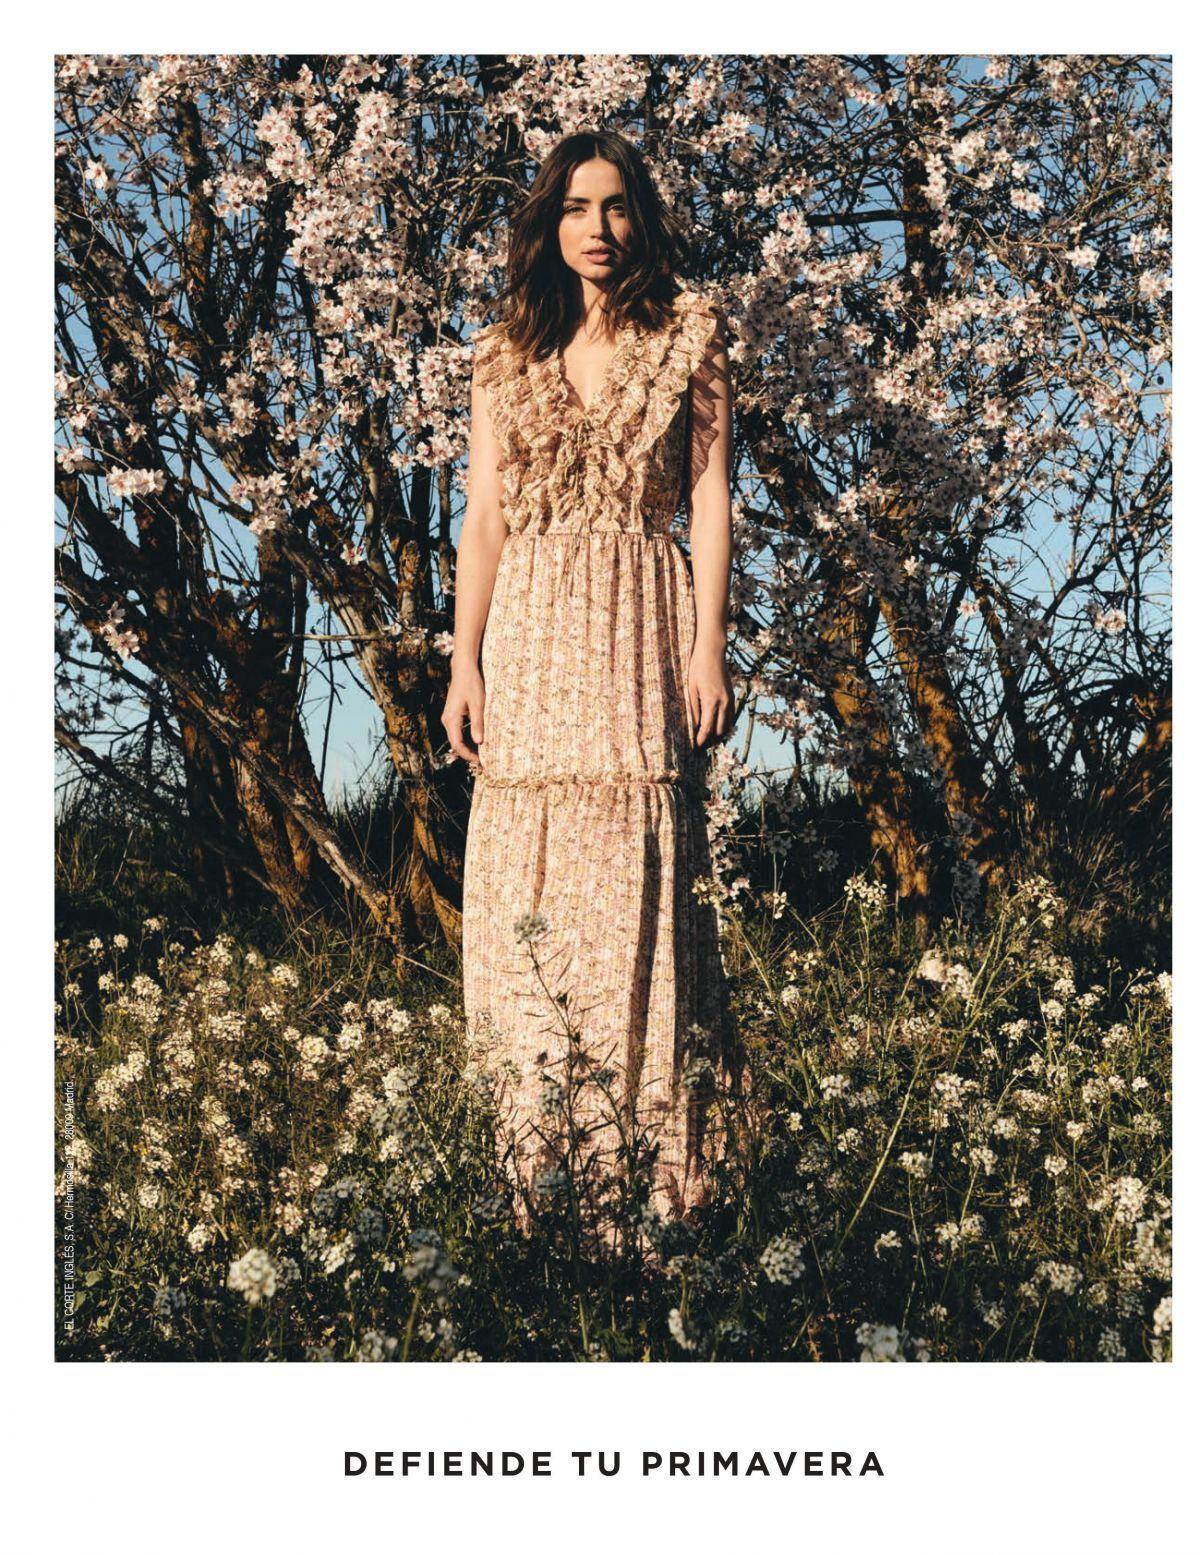 Ana De Armas Sexy – Vogue Spain April 2020 Issue 0020